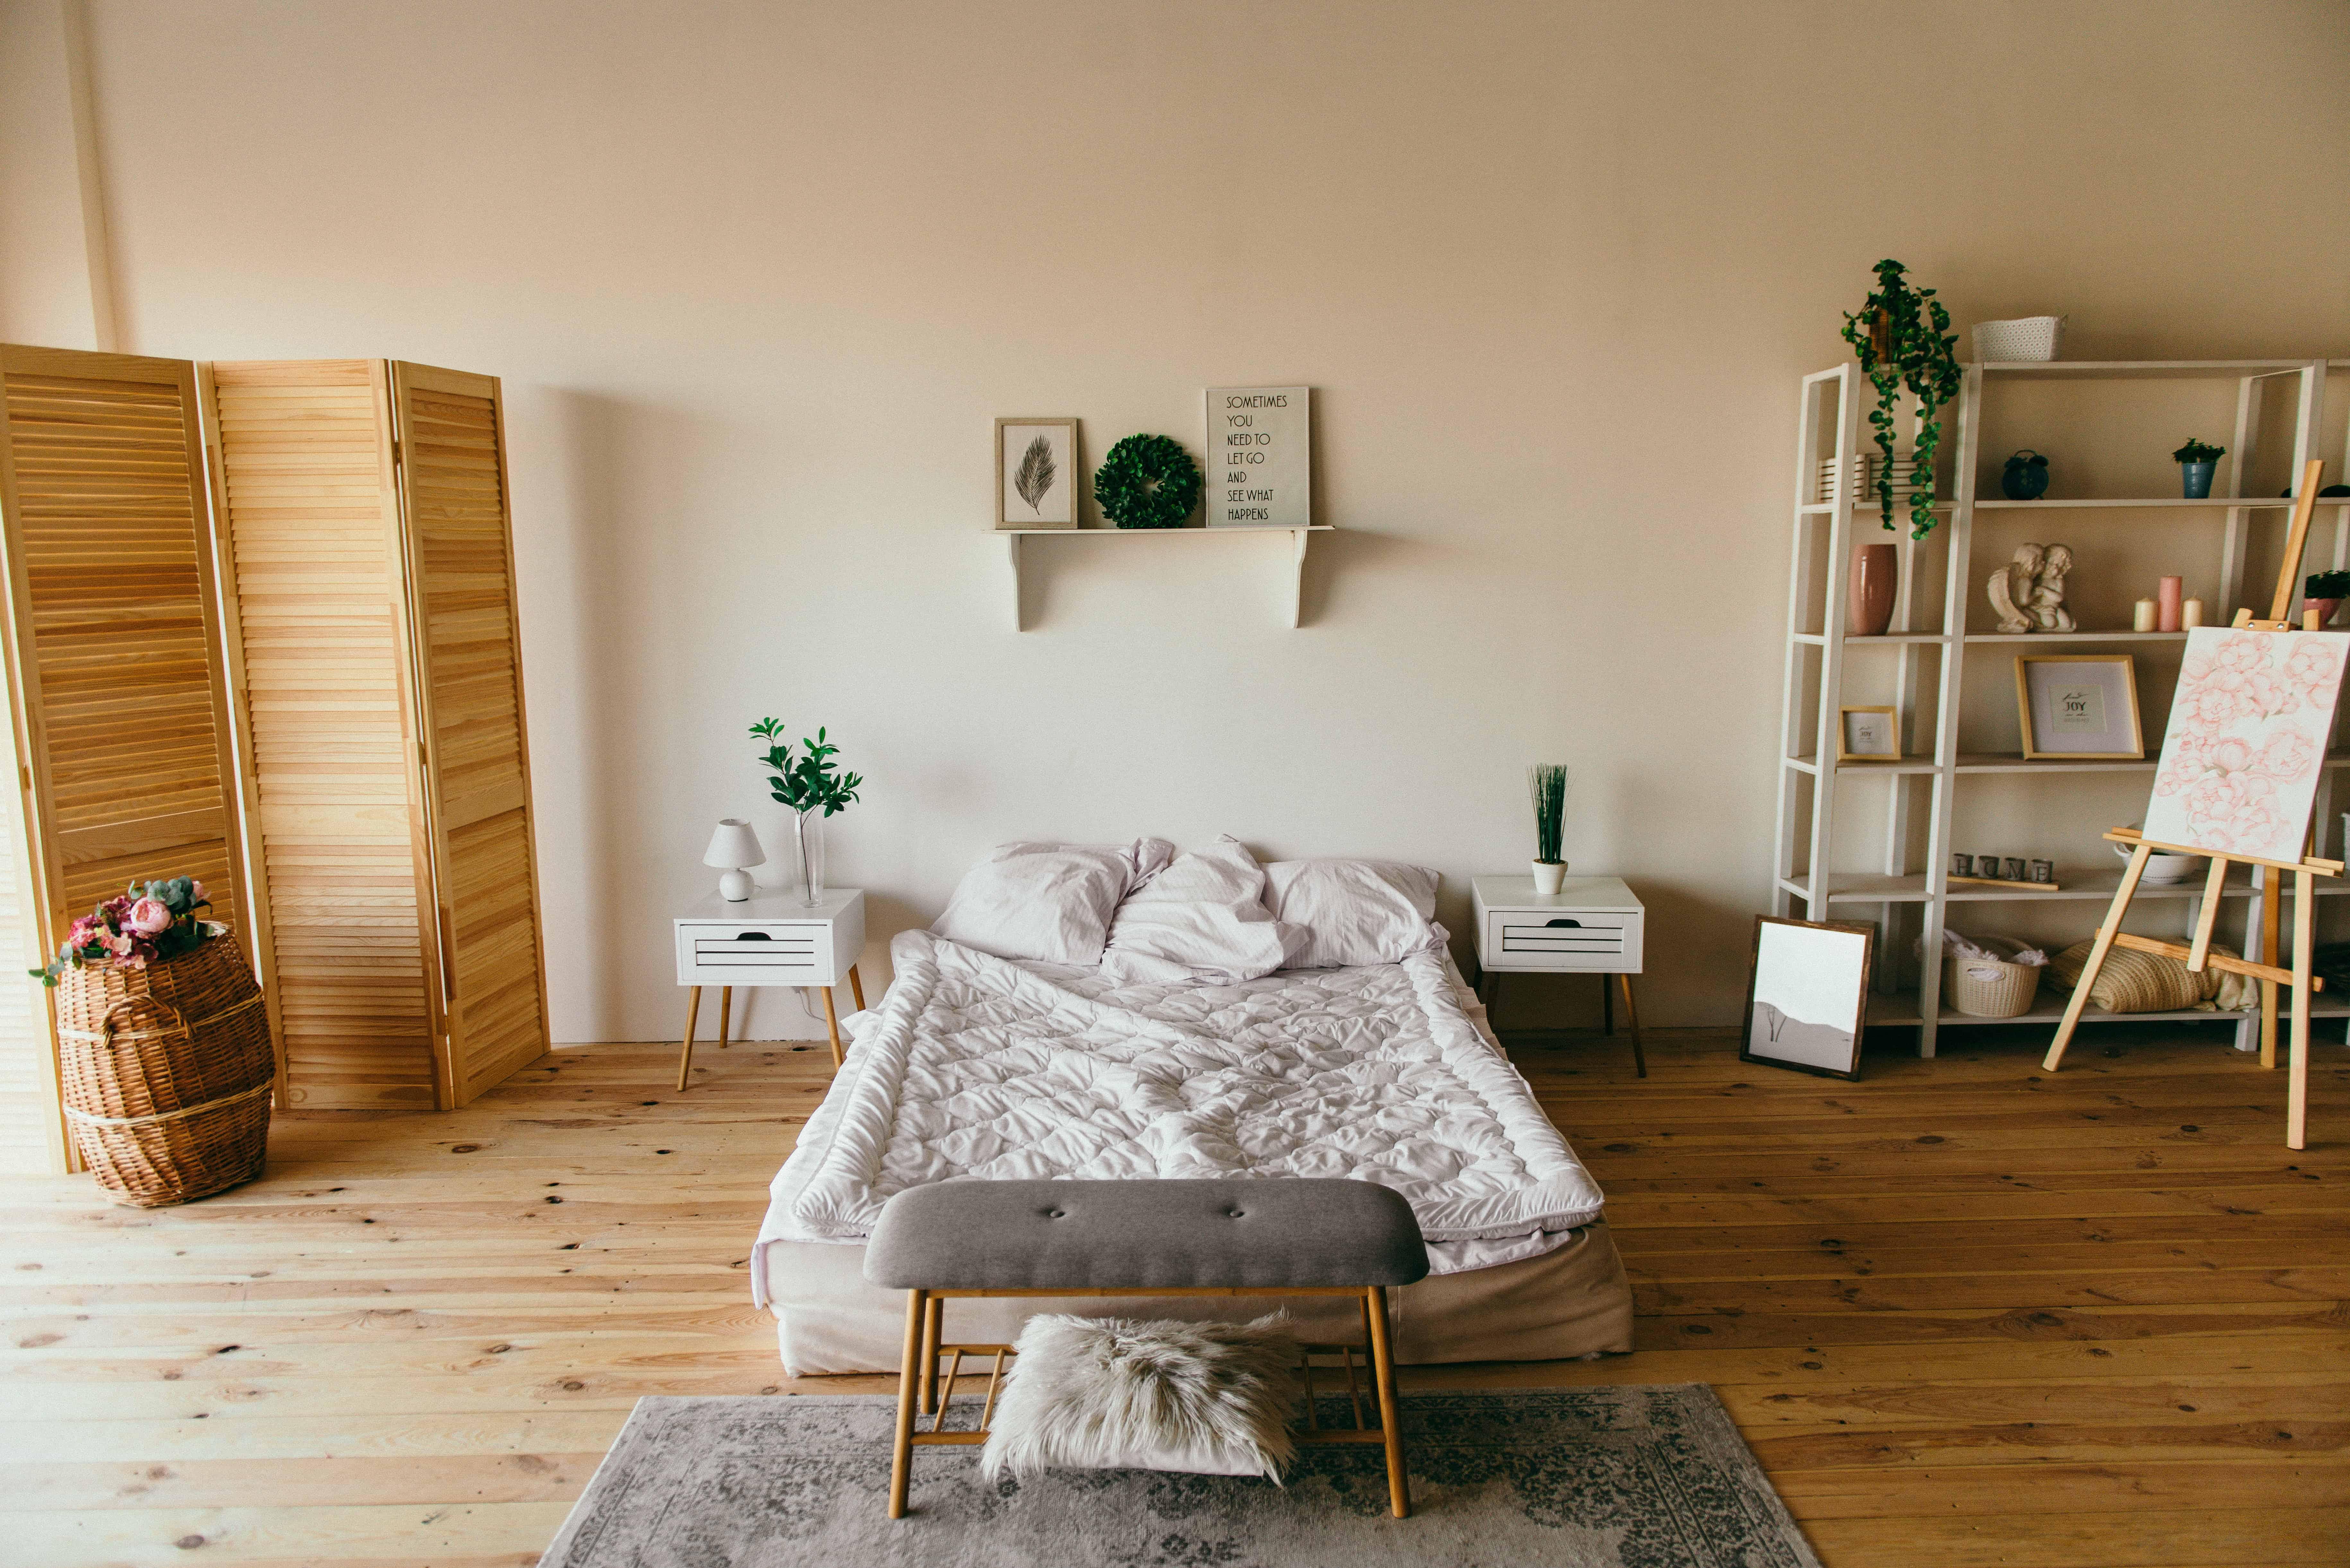 спальня с бежевыми стенами, двуспальная кровать с белым бельем, пол и коричневые элементы декора